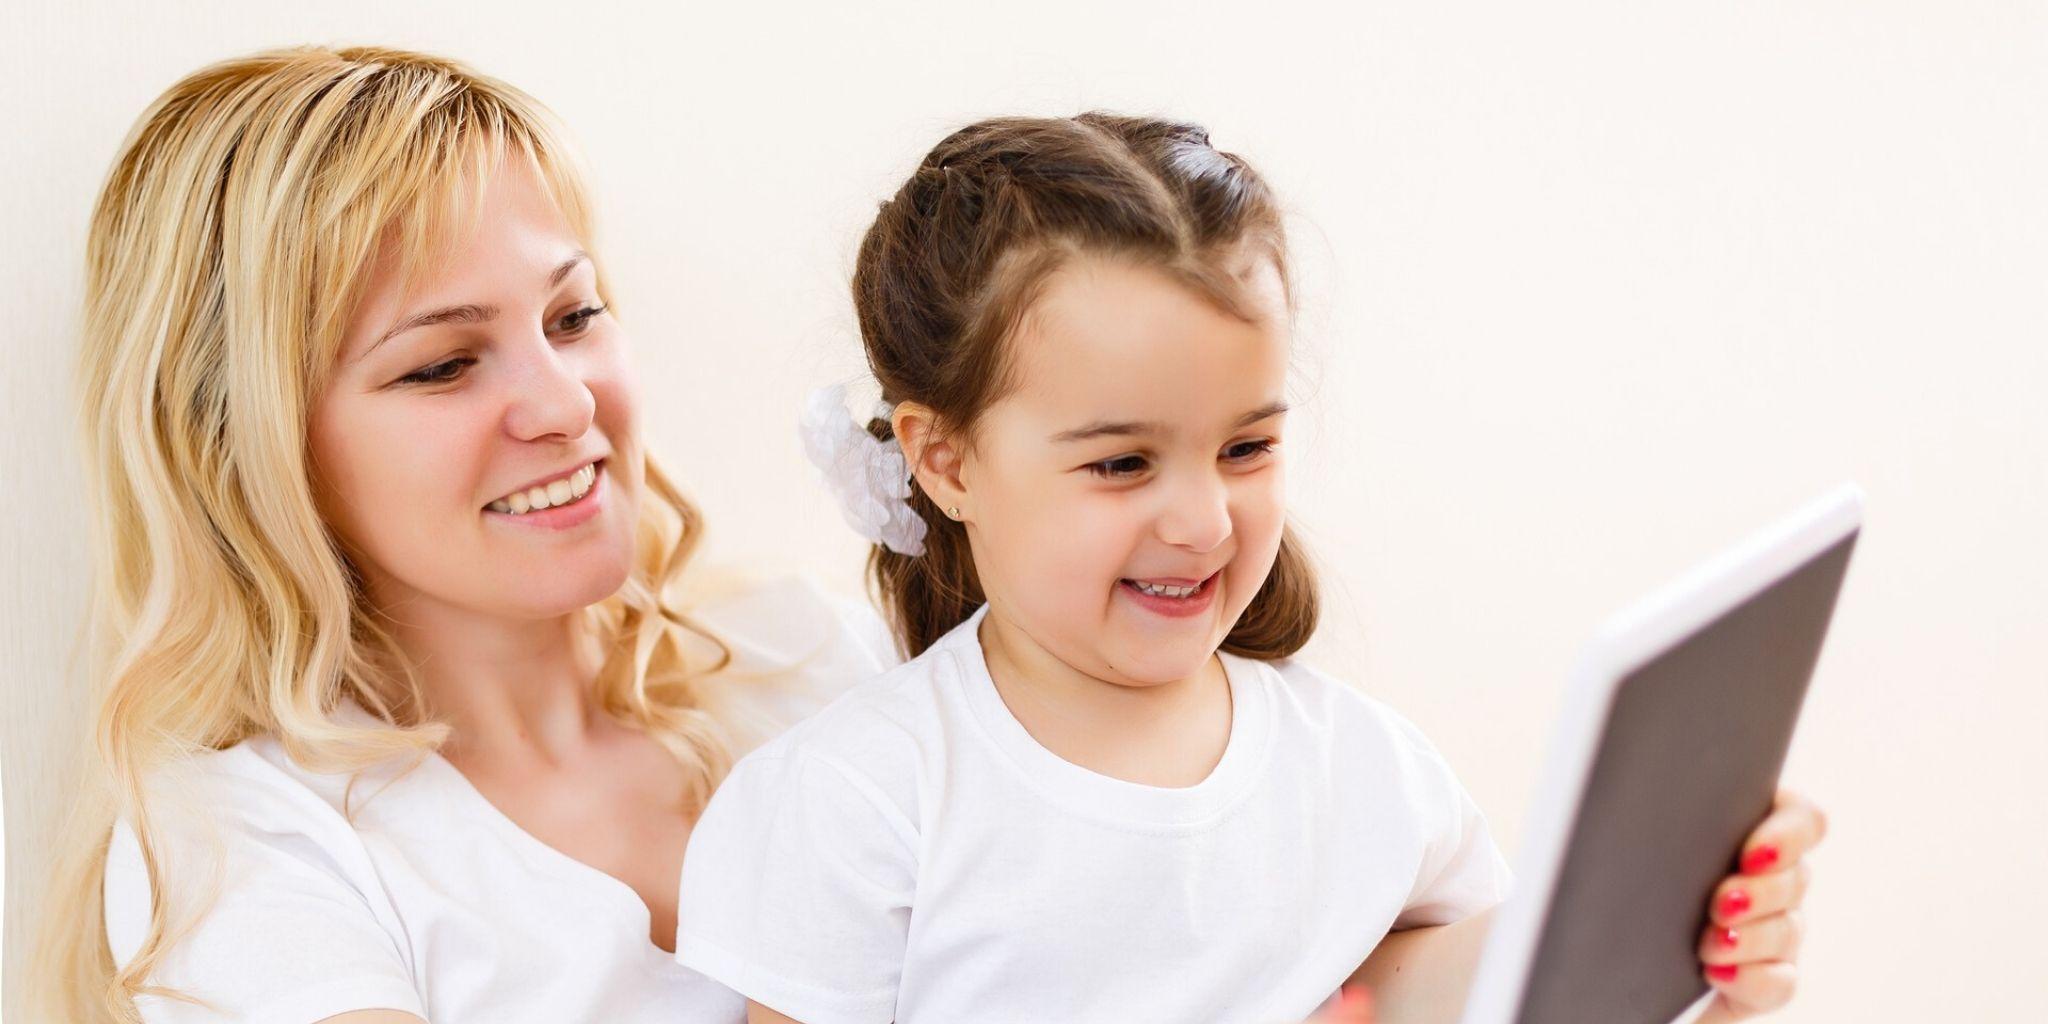 Kaip mokyti vaikus saugiai elgtis internete